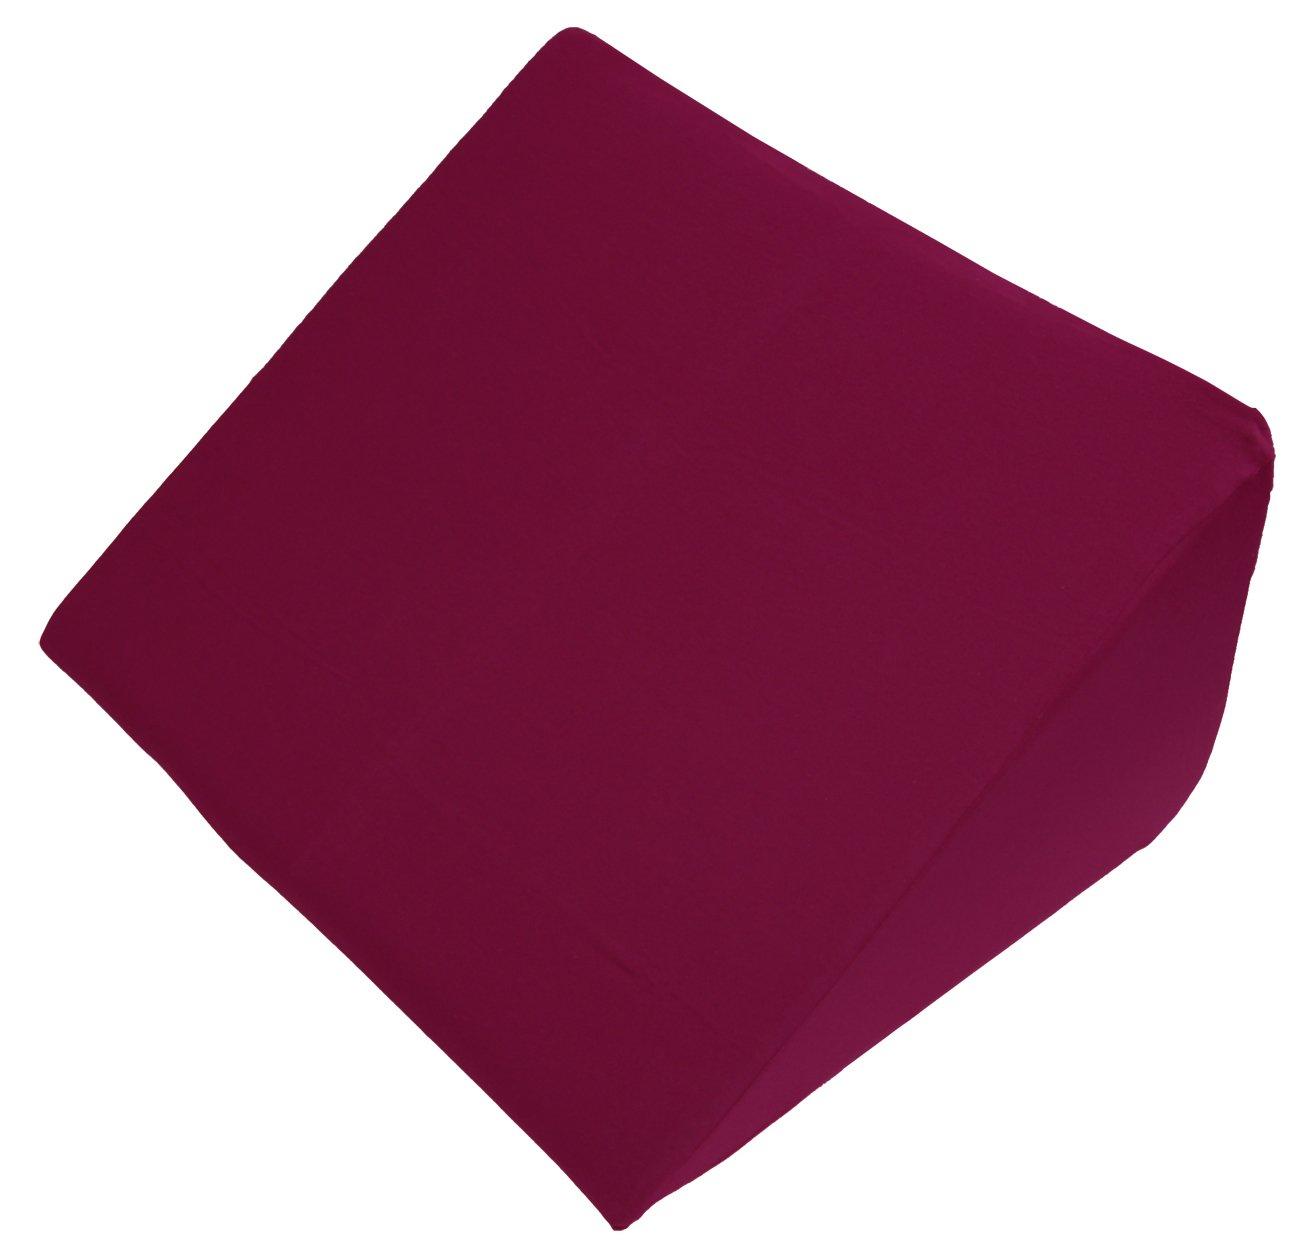 Beties Big Comfy Q2 Keilkissen extra groß + Baumwoll Jersey Bezug ca. 62x49x30 cm in vielen bunten Farben (Bordeaux)